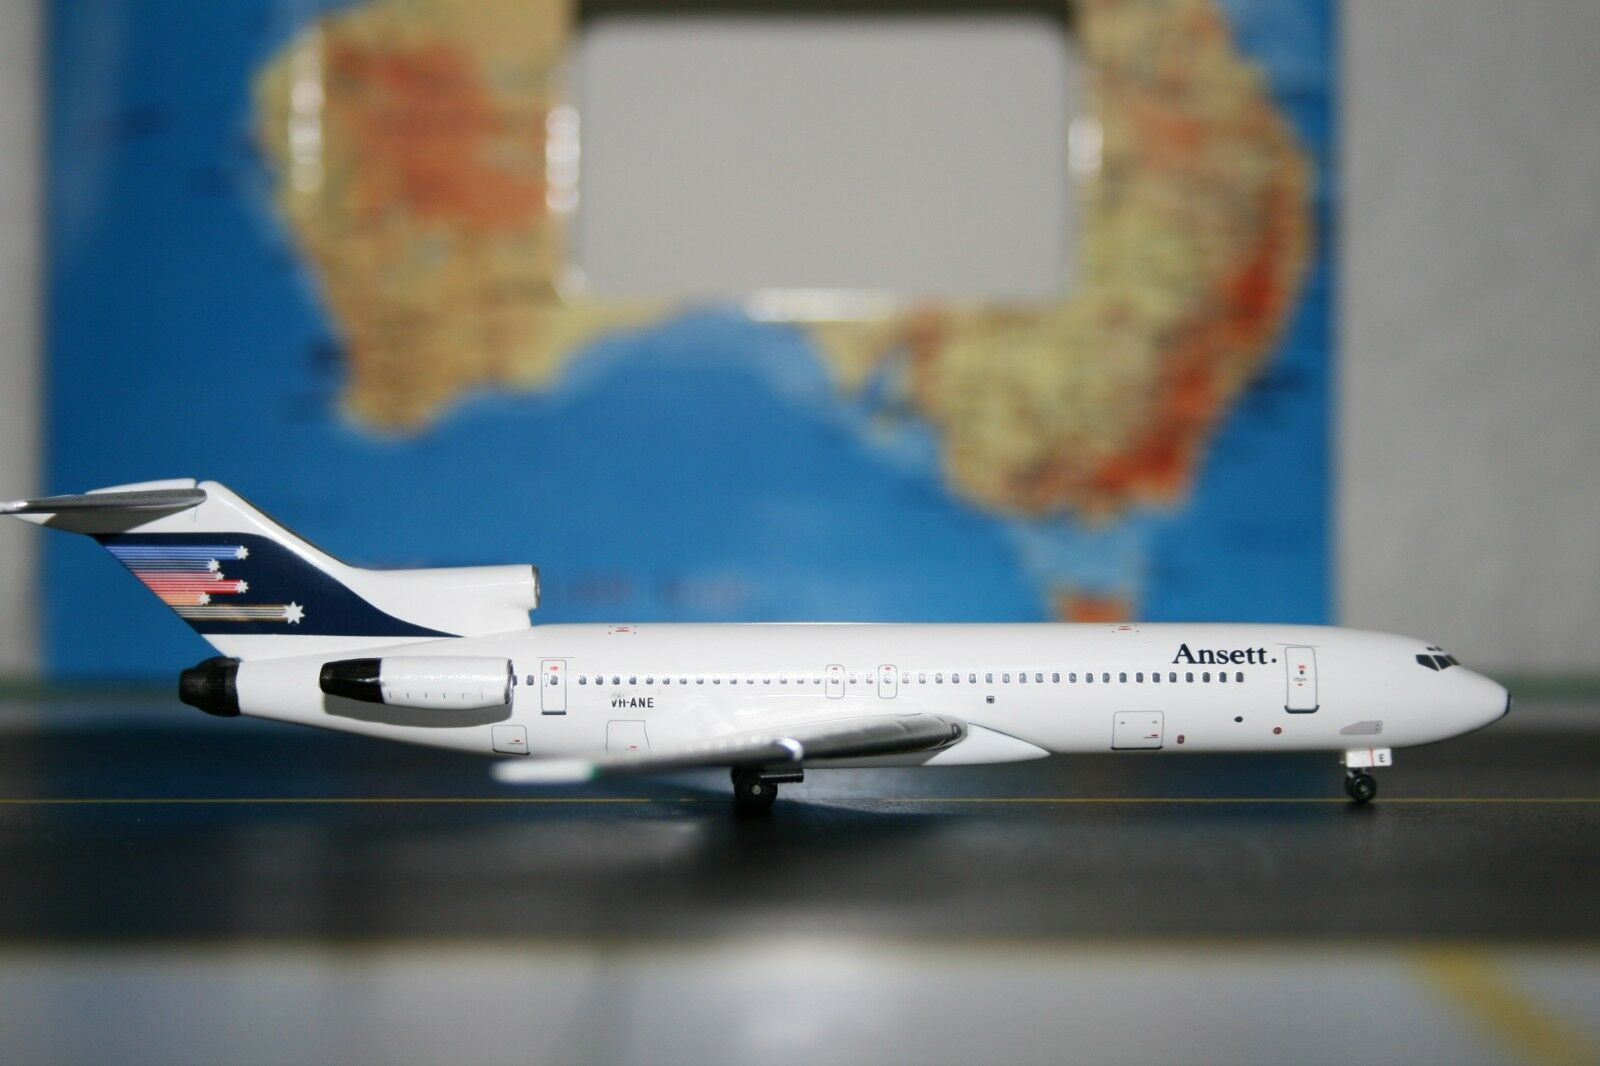 calidad auténtica Aeroclassics 1 400 Ansett Boeing 727-200 VH-Ane (acvhane) Fundición Fundición Fundición Modelo de Avión  almacén al por mayor